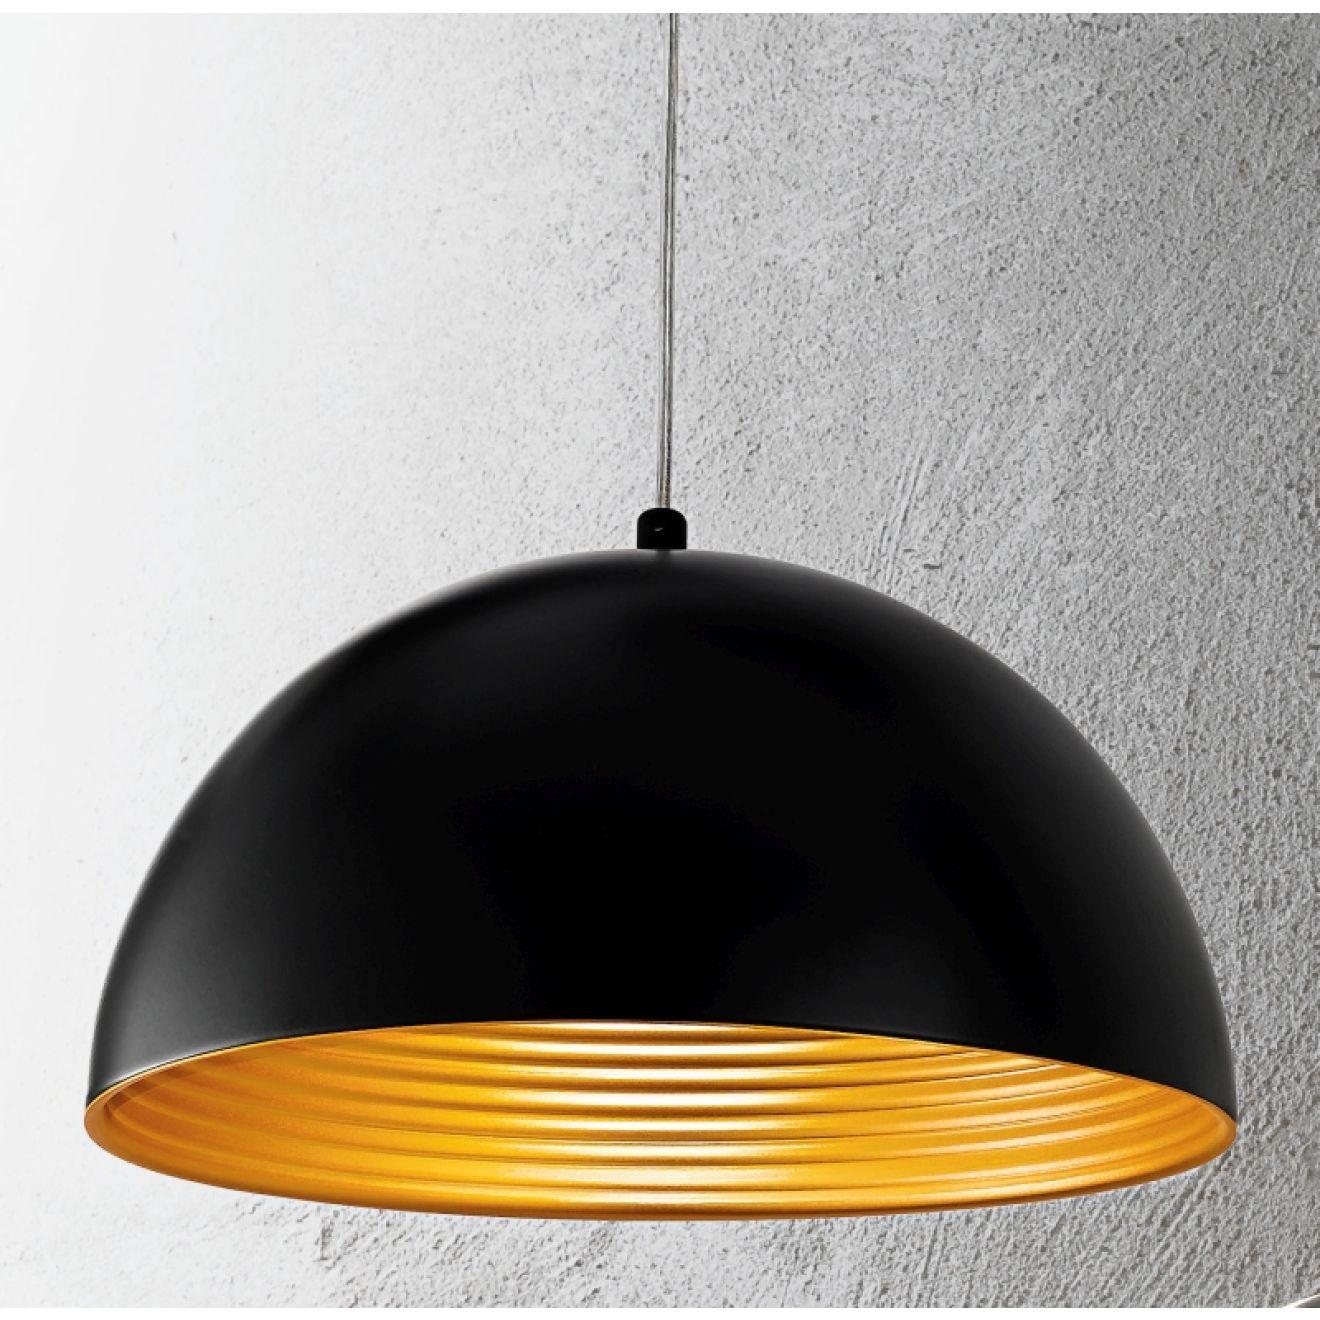 dingle pendelleuchte schwarz gold von fabas luce. Black Bedroom Furniture Sets. Home Design Ideas